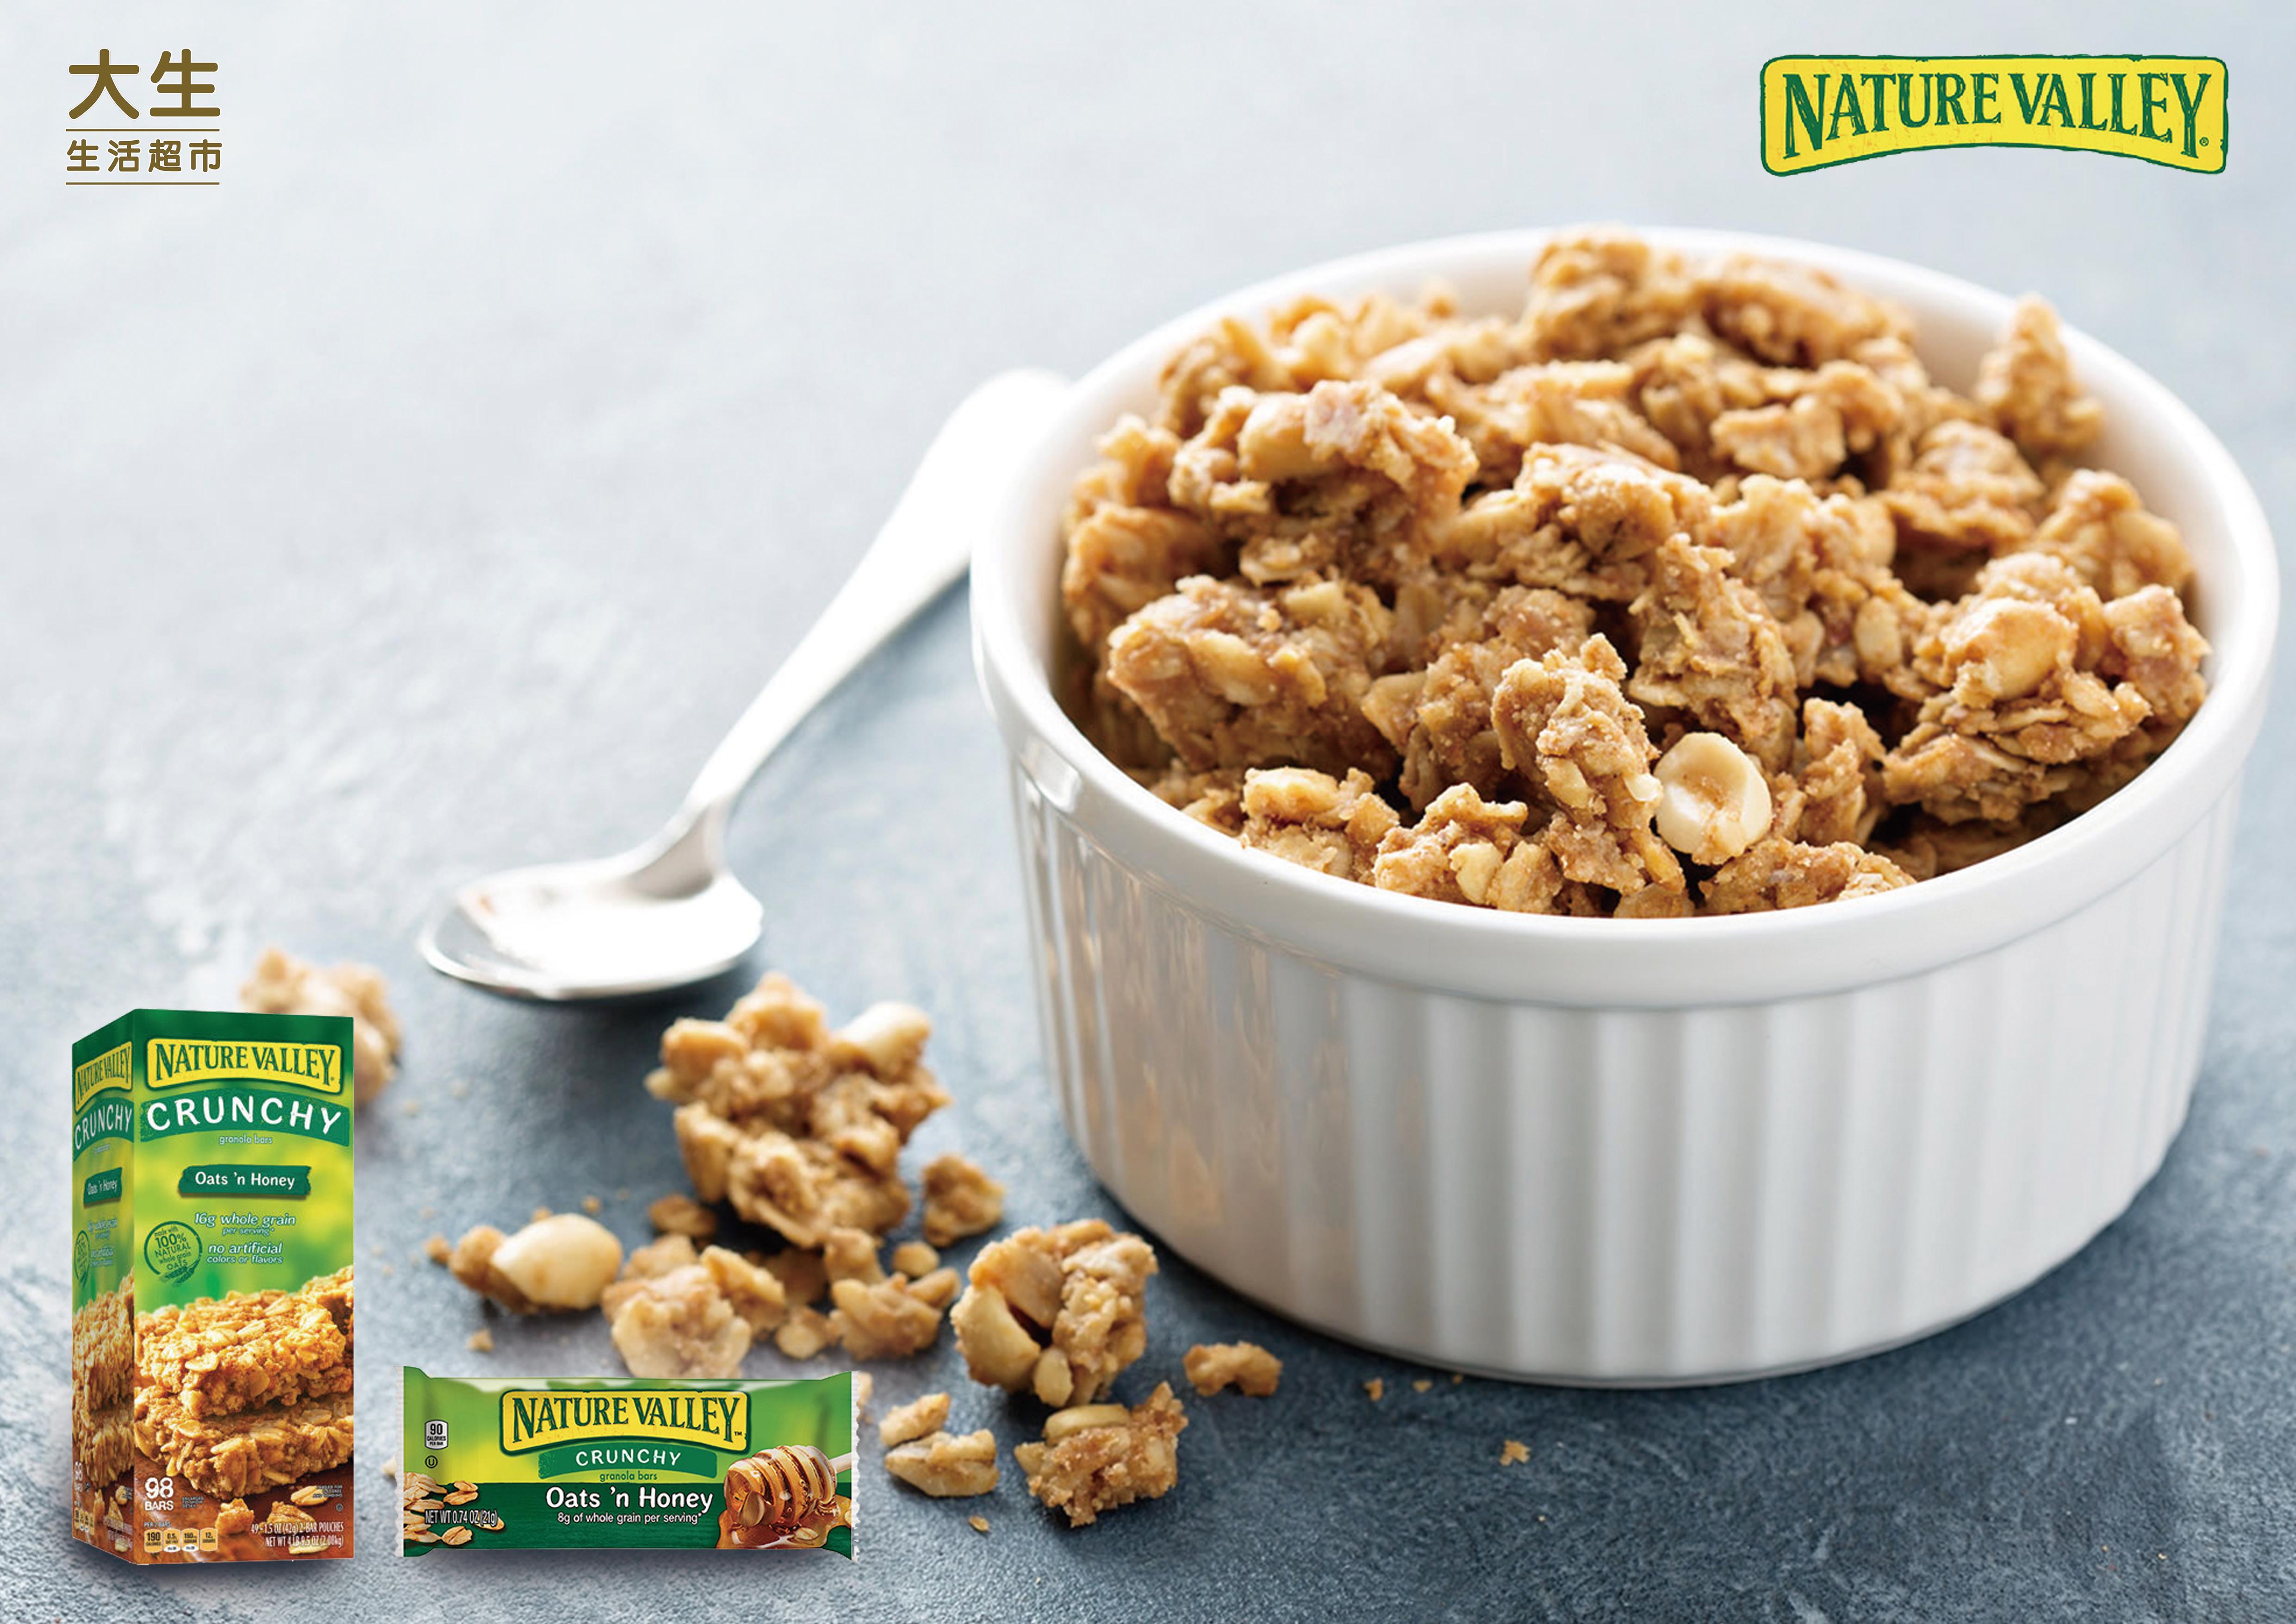 Oats and Honey Crunchy Granola Bars